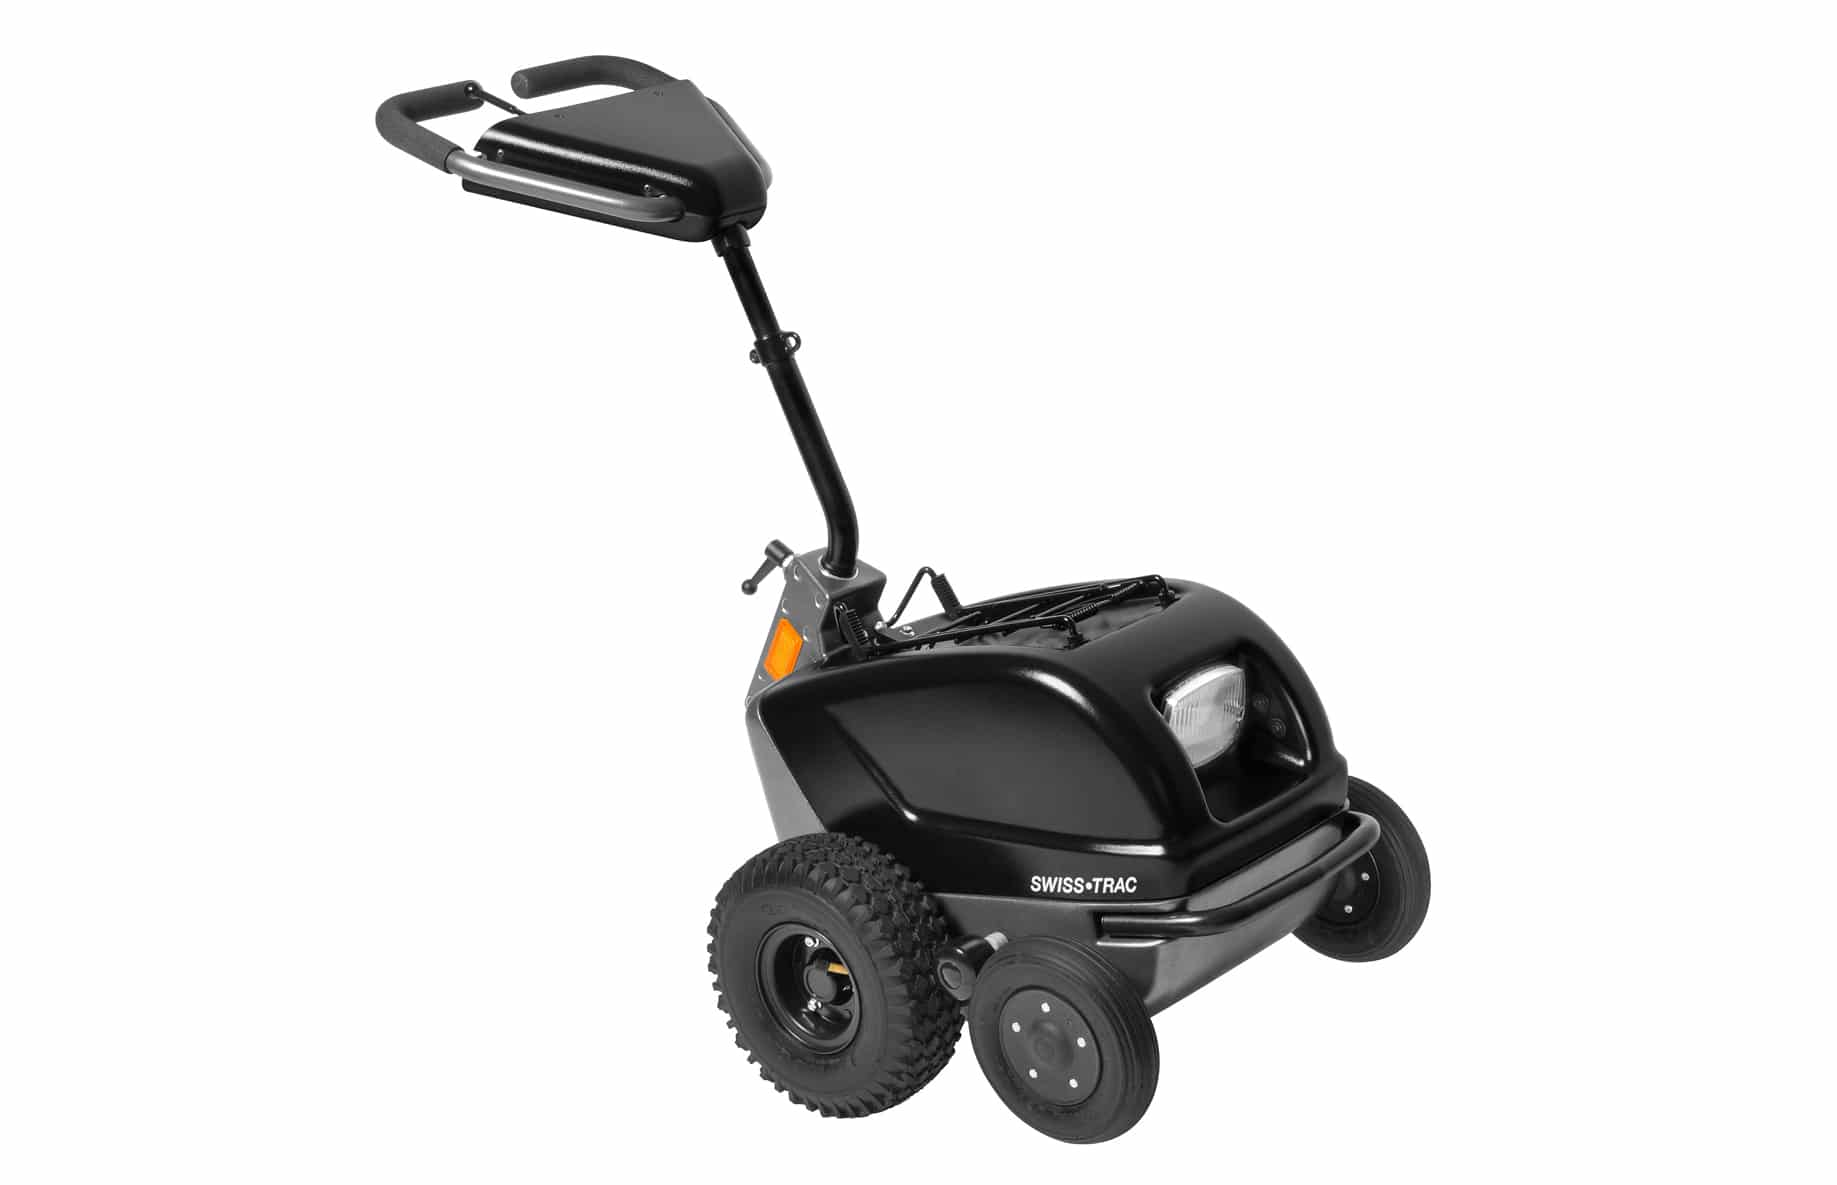 SWISS-TRAC da Atec, um com sistema de propulsão, potente e eficiente que pode ser acoplado a cadeiras de rodas manuais. Fácil de manobrar e bastante seguro.